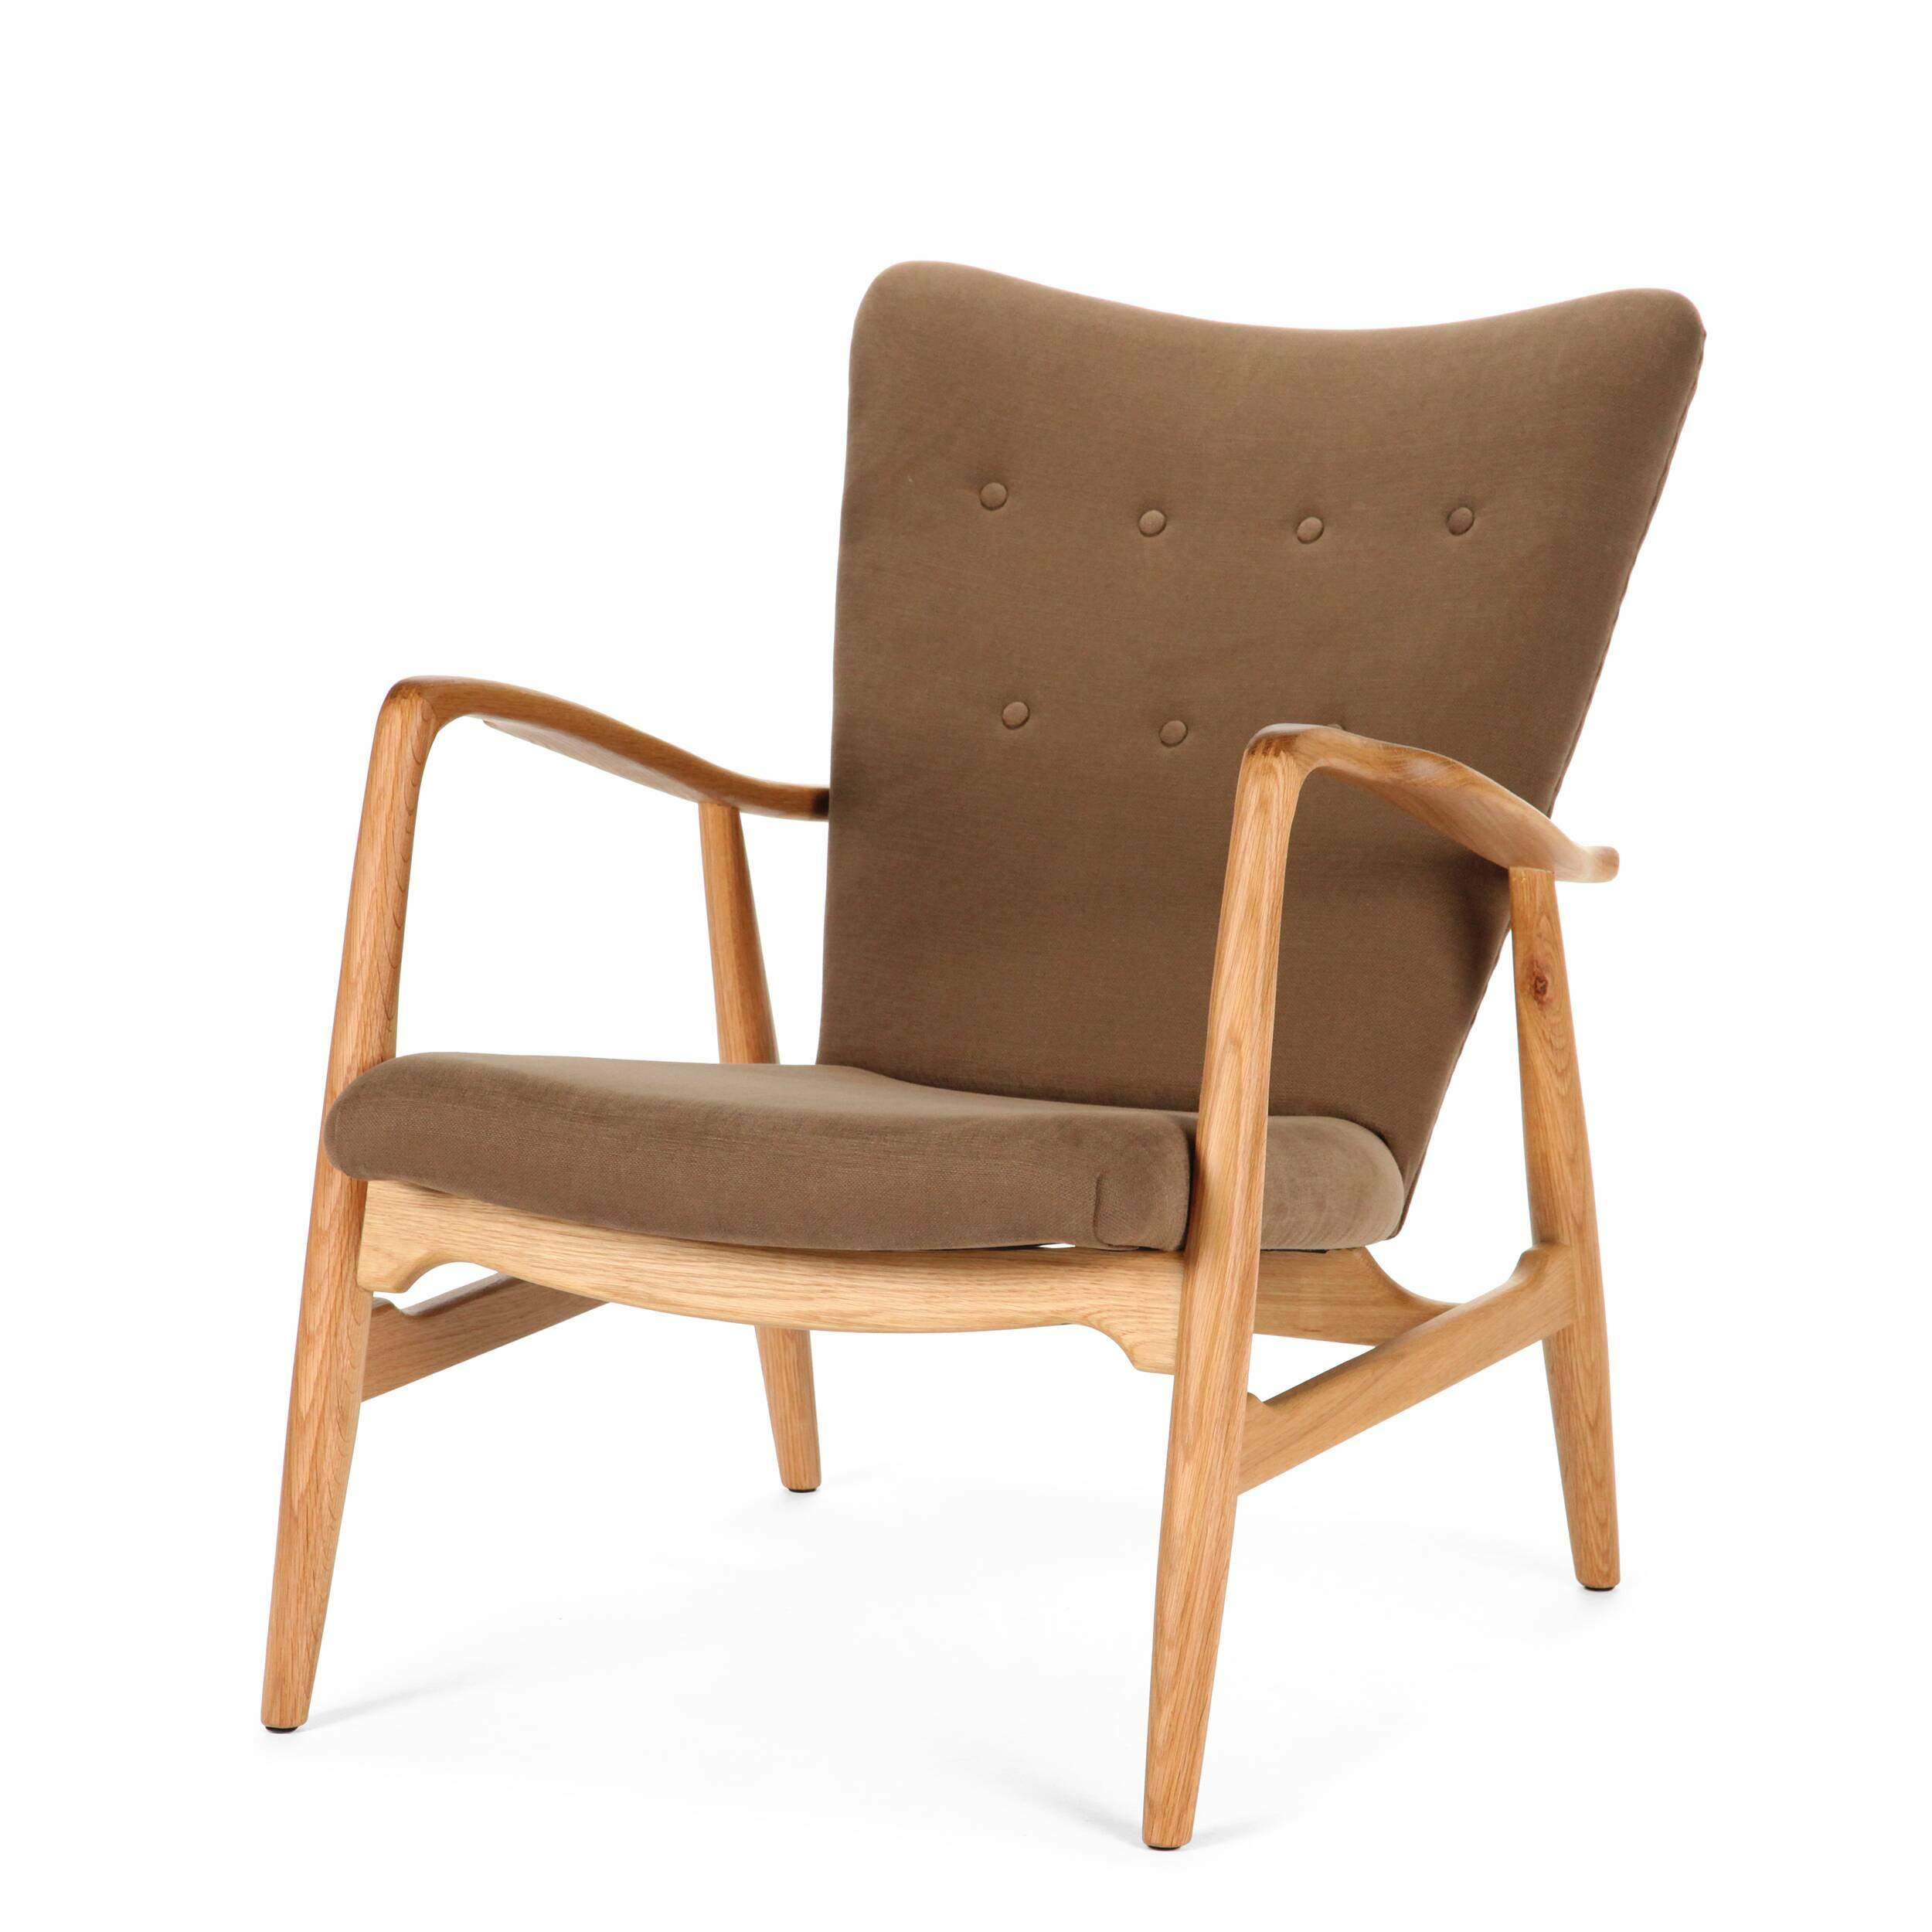 Кресло DelightsИнтерьерные<br>Строгая классика и стильный дизайн — это именно то, что сейчас так ценят в интерьере офиса или рабочего кабинета. Именно мебель задает атмосферу в помещении, ее цветовую гамму и настроение. Хотите, чтобы при входе в помещение вас сразу начинали посещать нужные мысли? Тогда нужно с умом подобрать необходимую мебель.<br><br><br> Кресло Delights обладает именно тем деловым шармом, который так важен на рабочем месте. Спинка кресла слегка откинута назад, за счет чего очень удобна и способствует легк...<br><br>stock: 1<br>Высота: 80,5<br>Высота сиденья: 38<br>Ширина: 67<br>Глубина: 84<br>Материал каркаса: Массив дуба<br>Материал обивки: Хлопок, Лен<br>Тип материала каркаса: Дерево<br>Коллекция ткани: Ray Fabric<br>Тип материала обивки: Ткань<br>Цвет обивки: Светло-коричневый<br>Цвет каркаса: Дуб